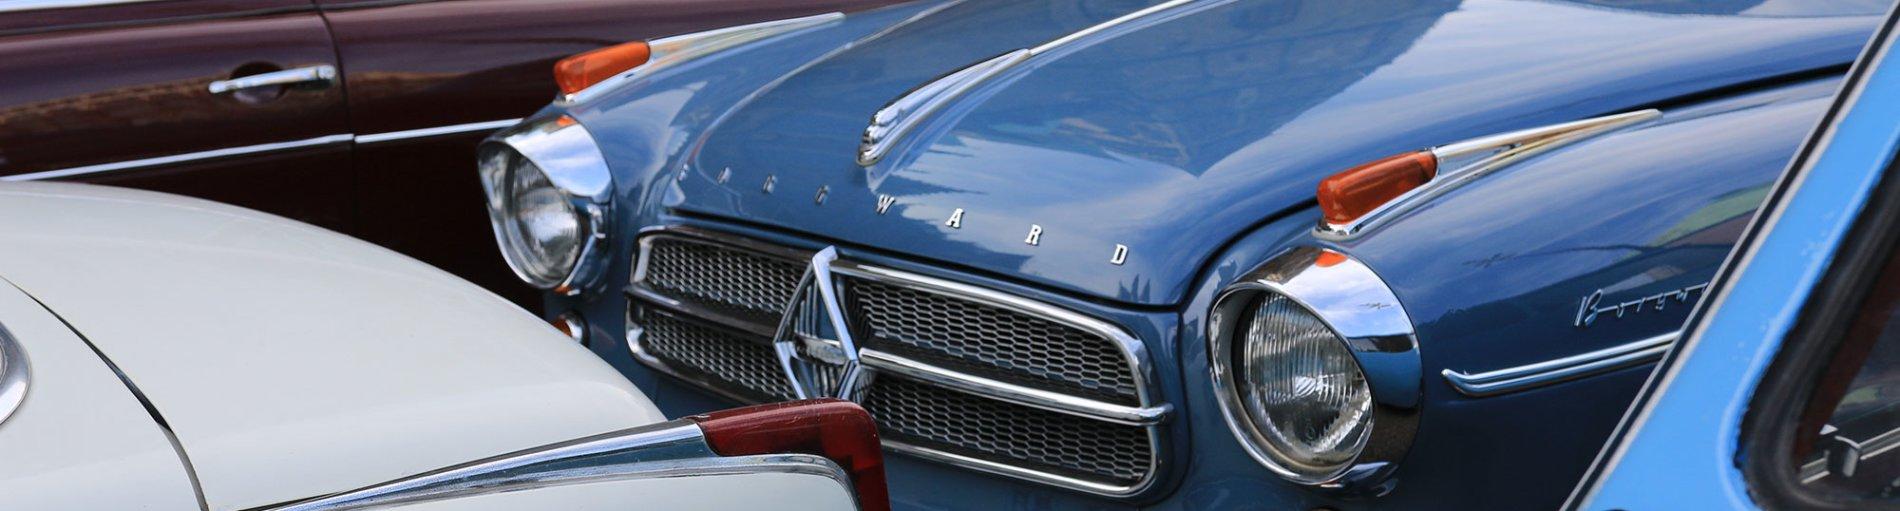 Verschiedene klassische Borgward-Modelle.